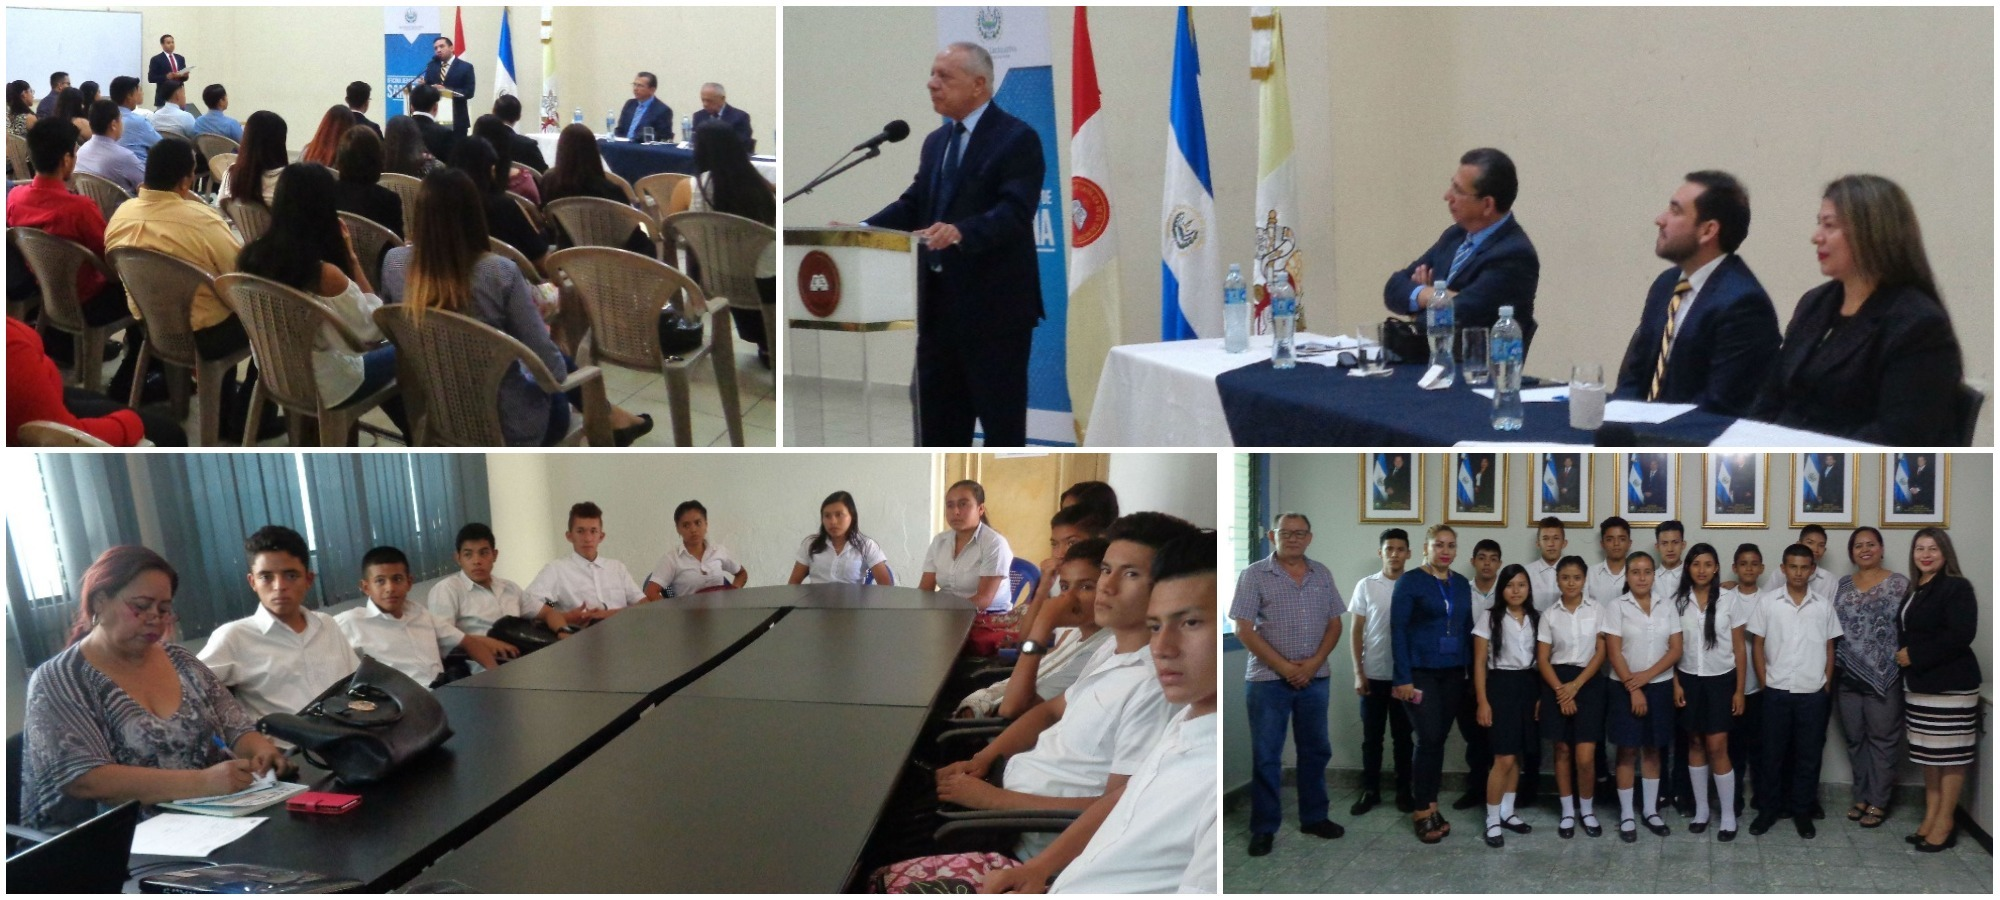 Universitarios santanecos participan en foro sobre Constitución de la República